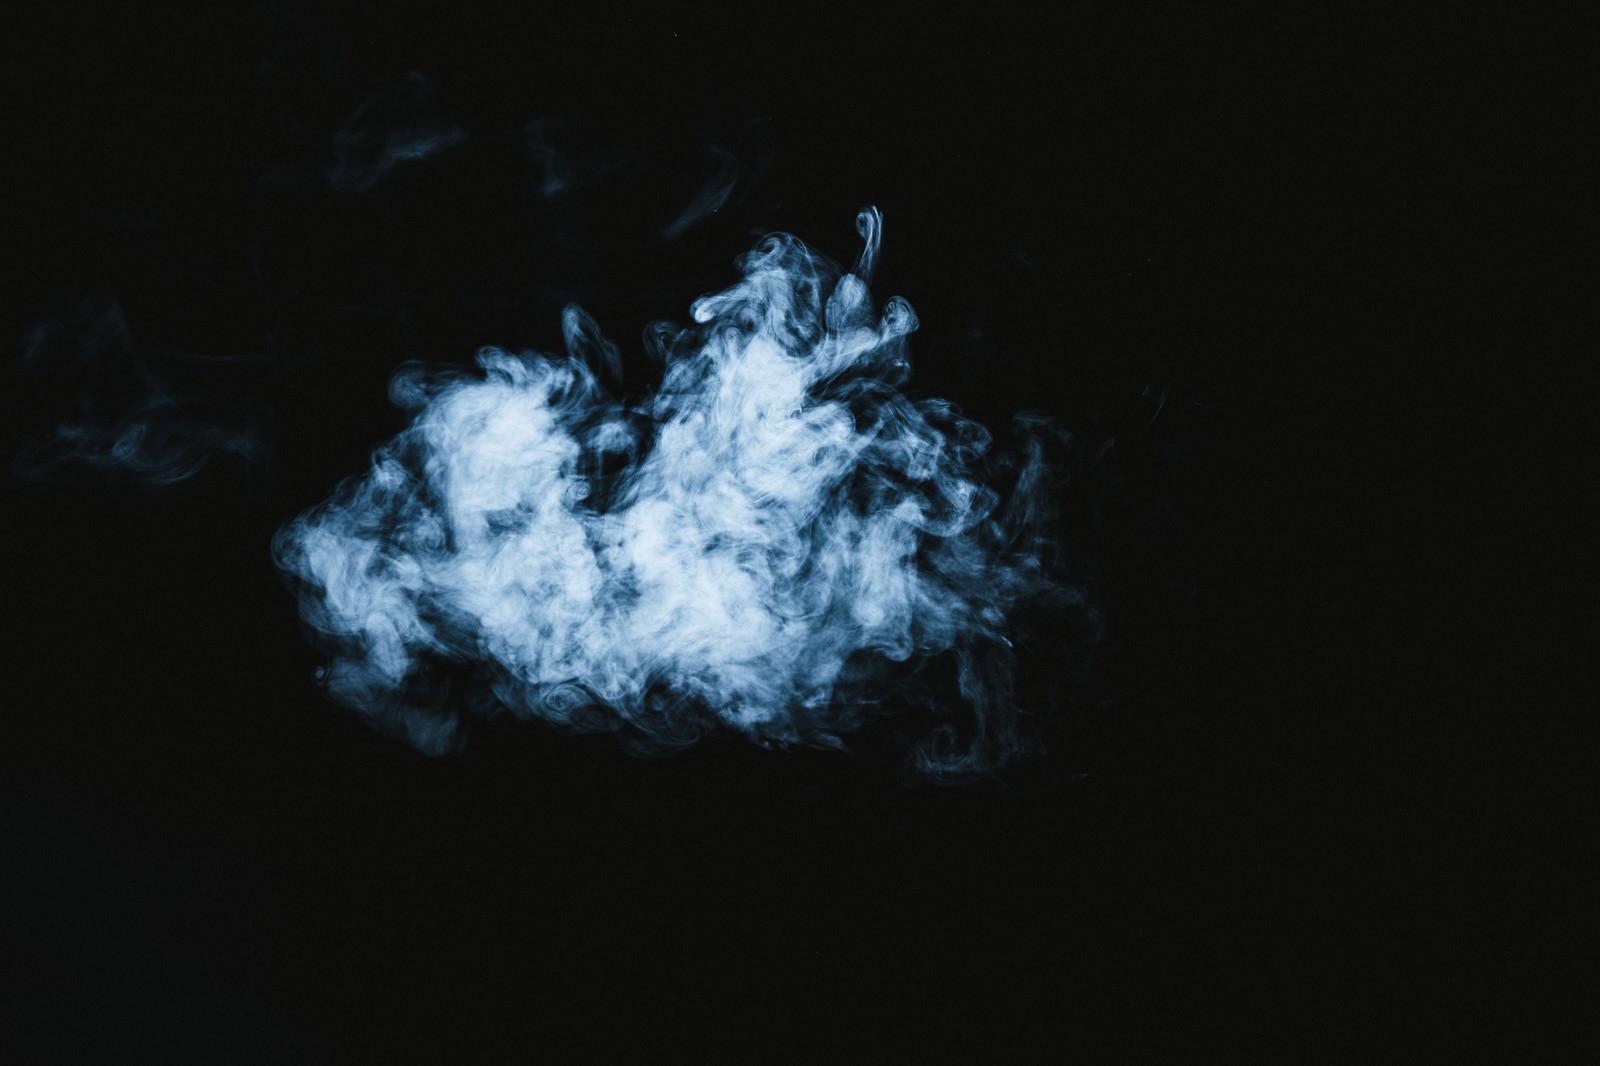 「浮遊煙」の写真